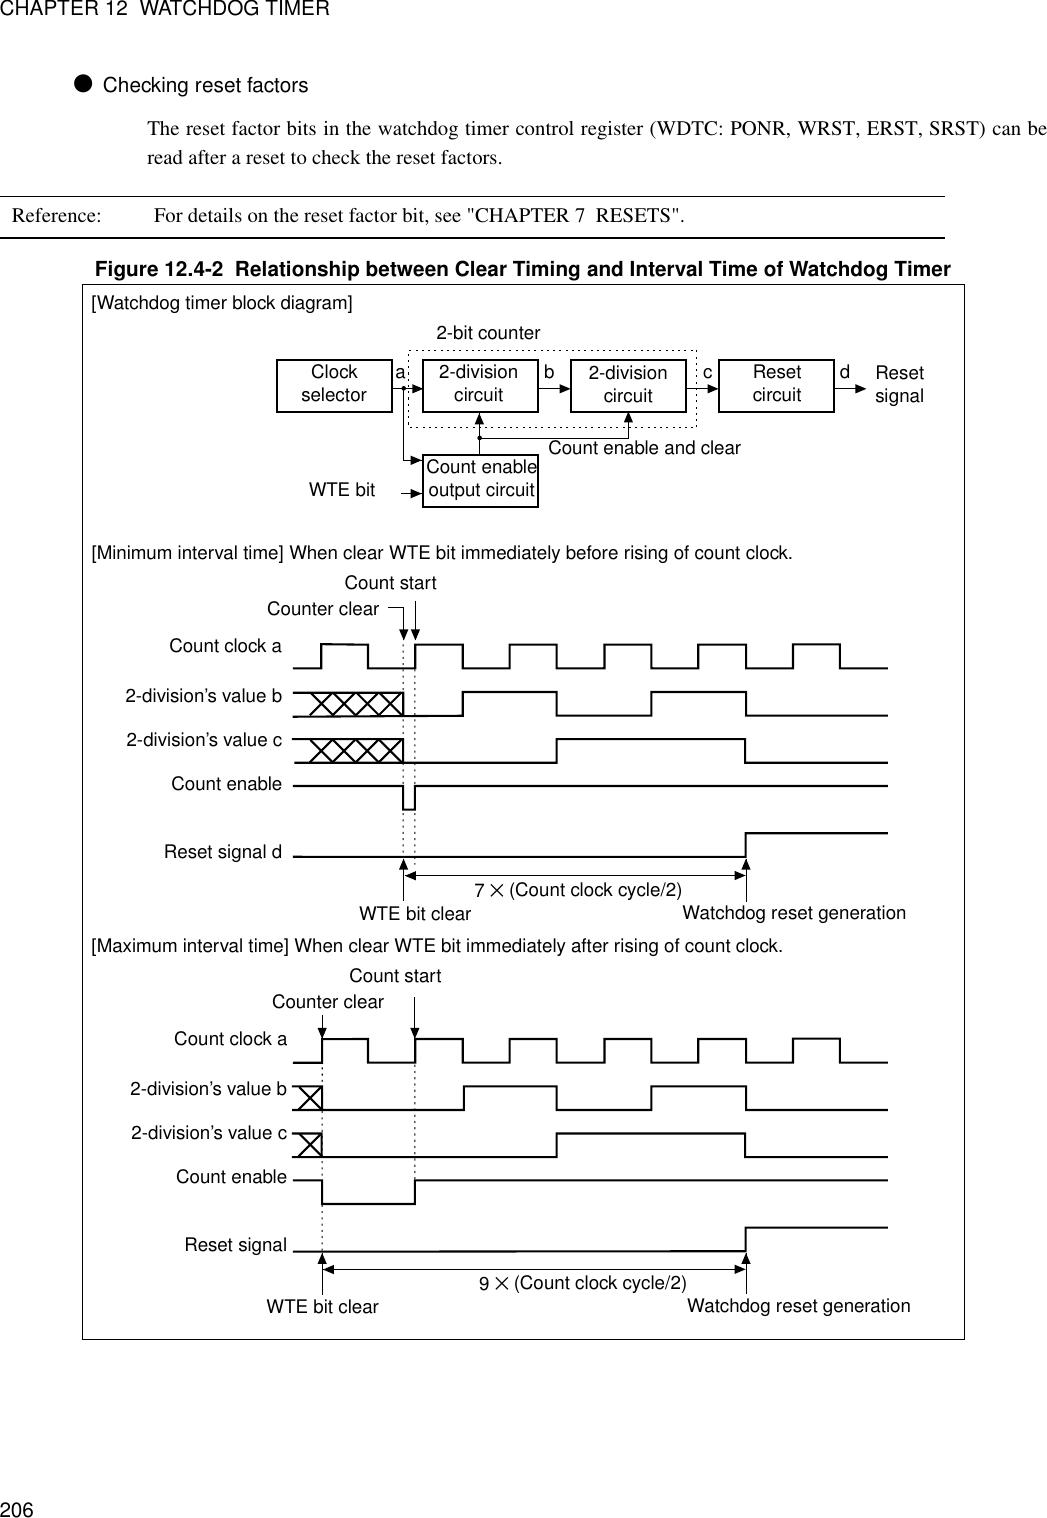 Fujitsu F2Mctm 16Lx Users Manual